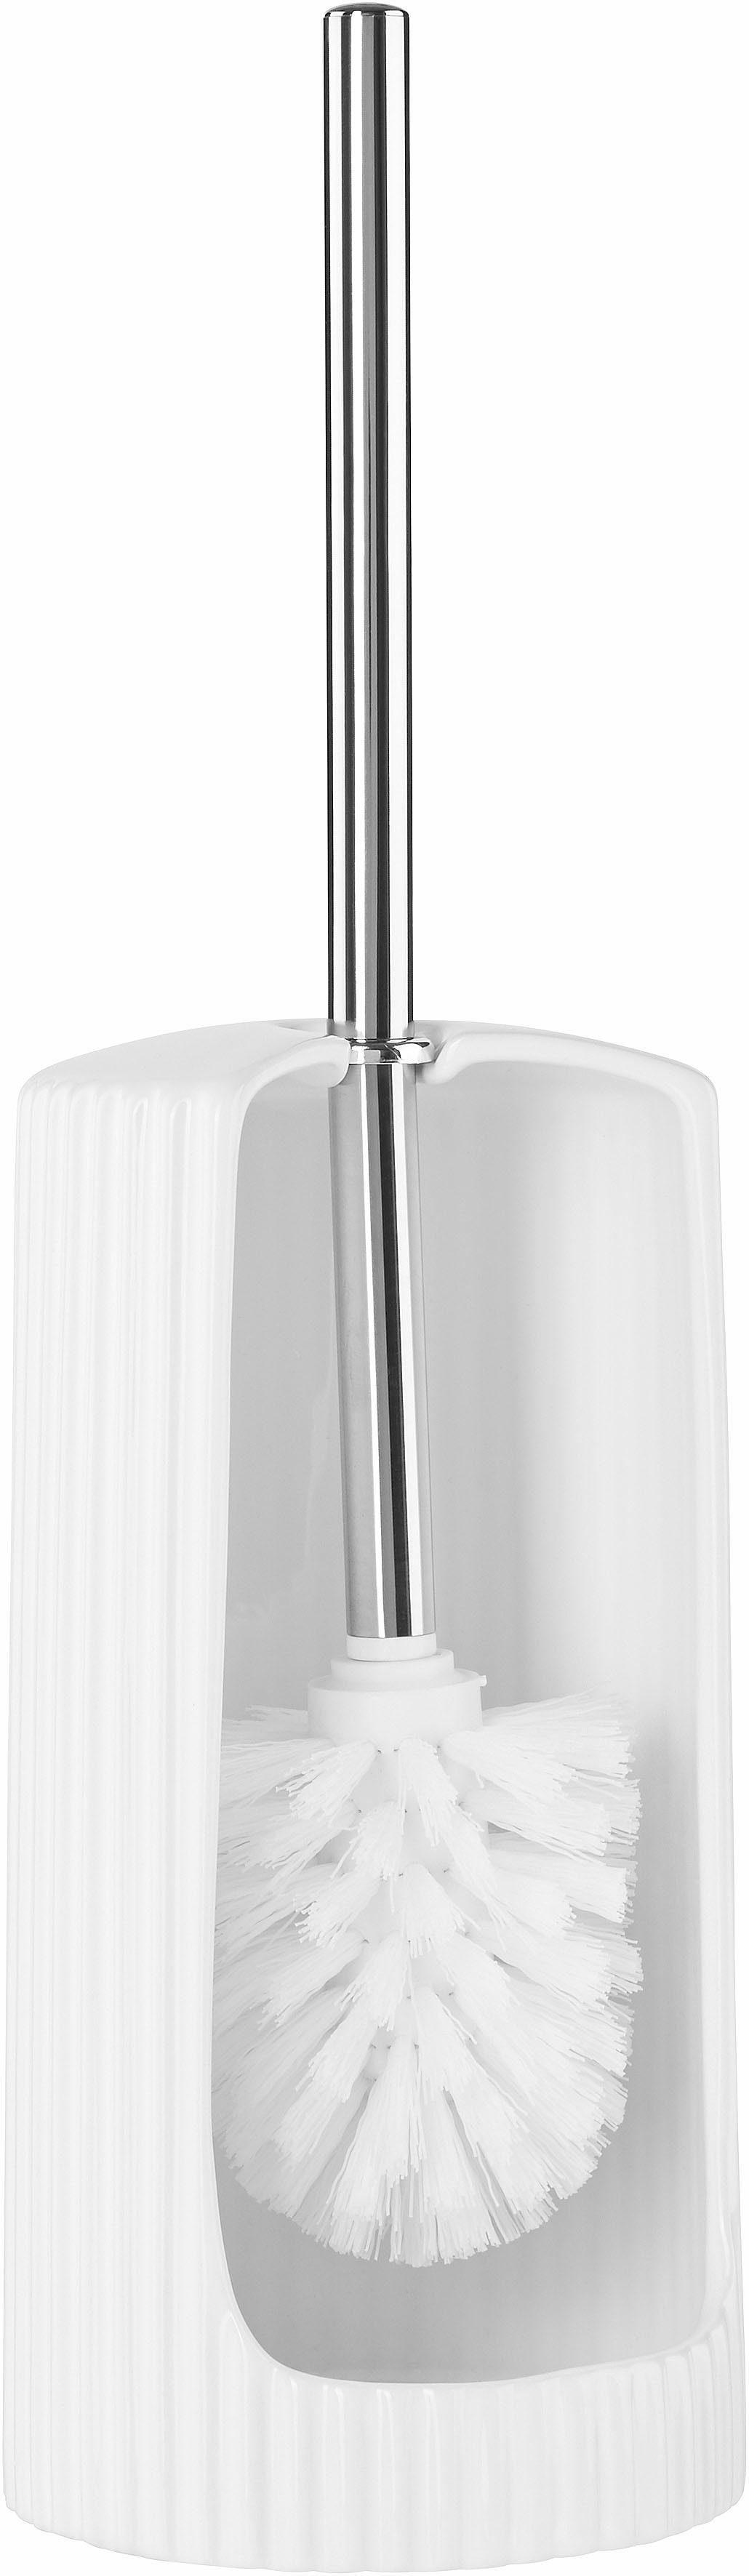 Home affaire WC-Bürste mit Rillen-Dekor